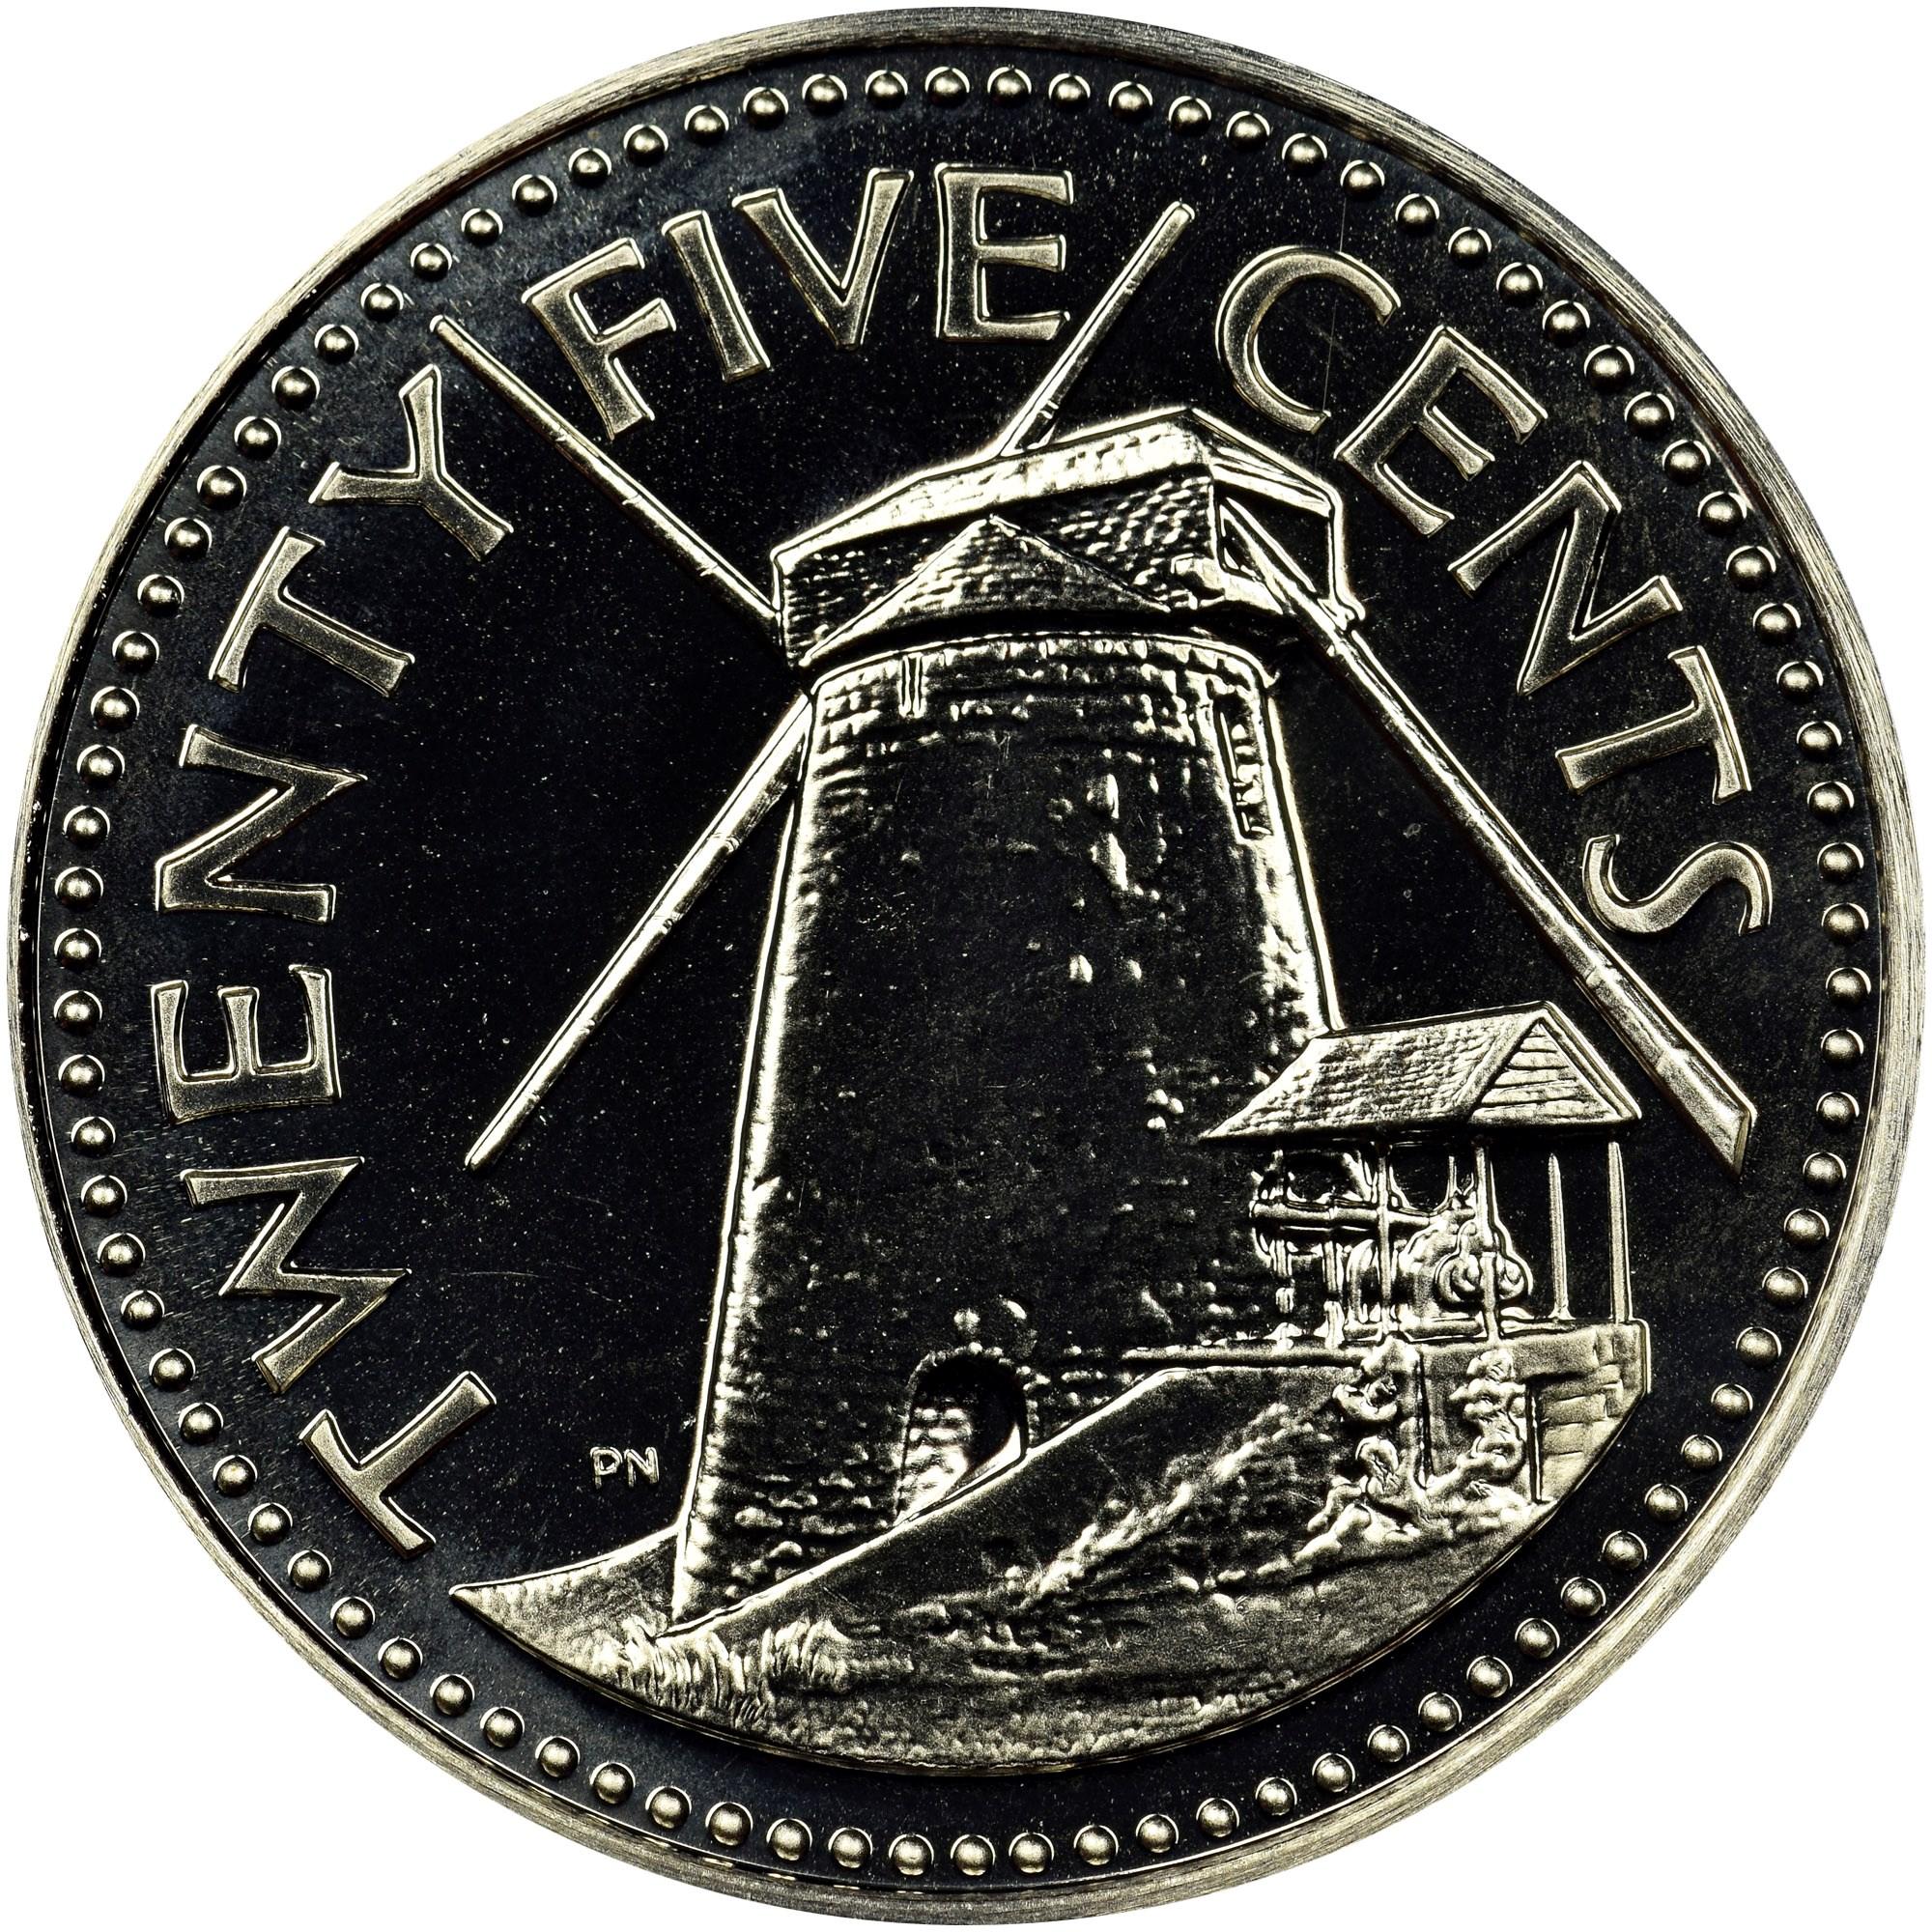 25 cent barbados coin